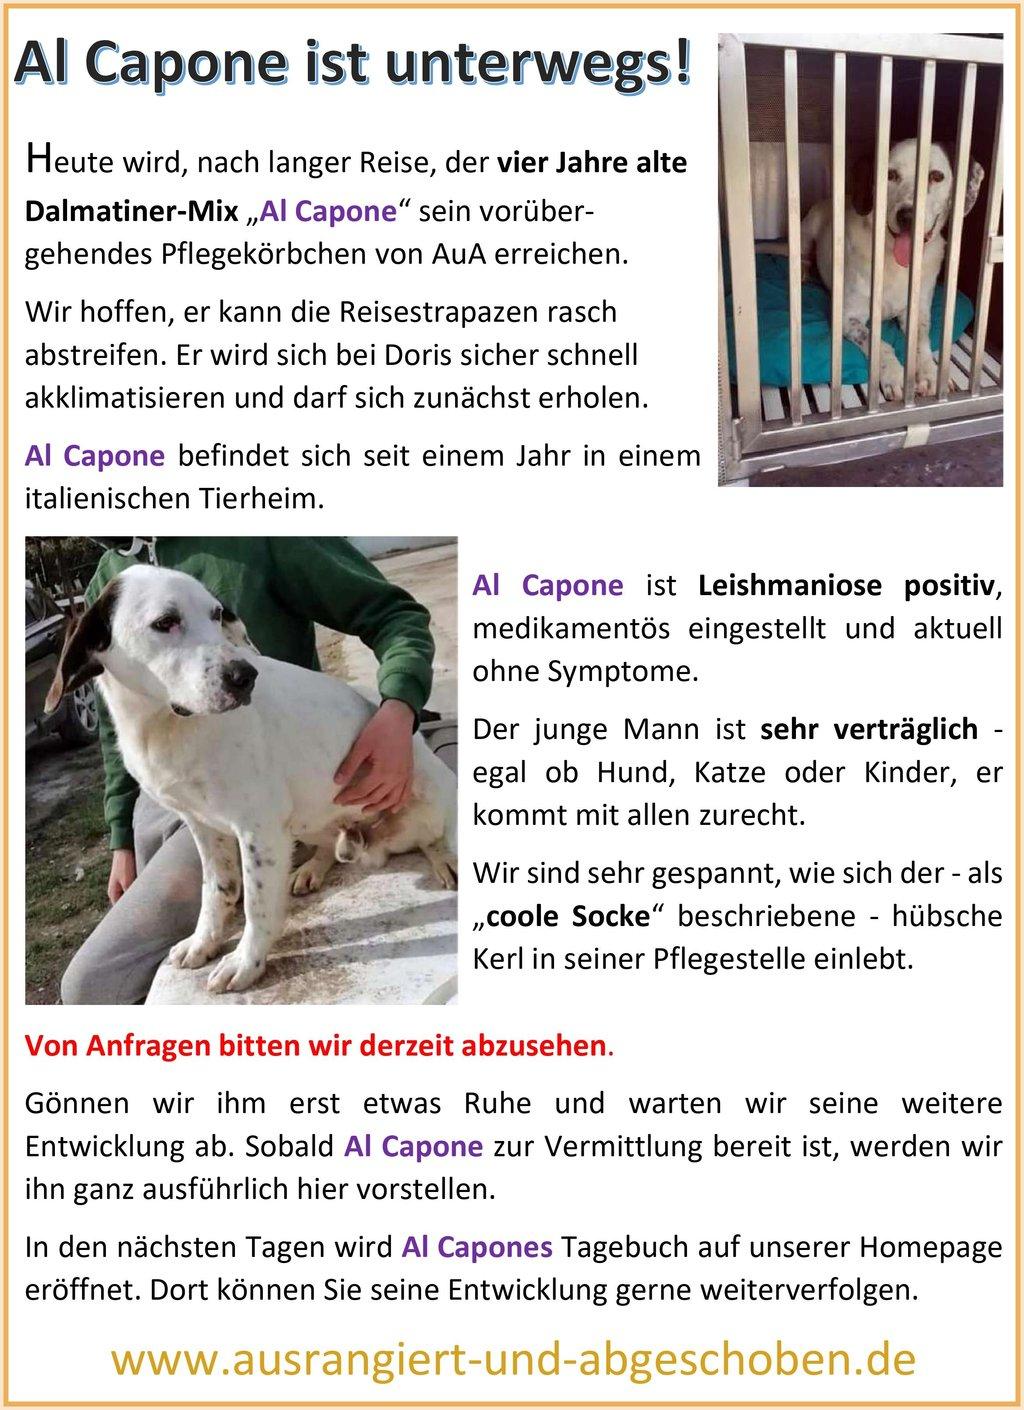 Bilder von Hund Al Capone, der auf seine Pflegestelle zieht.